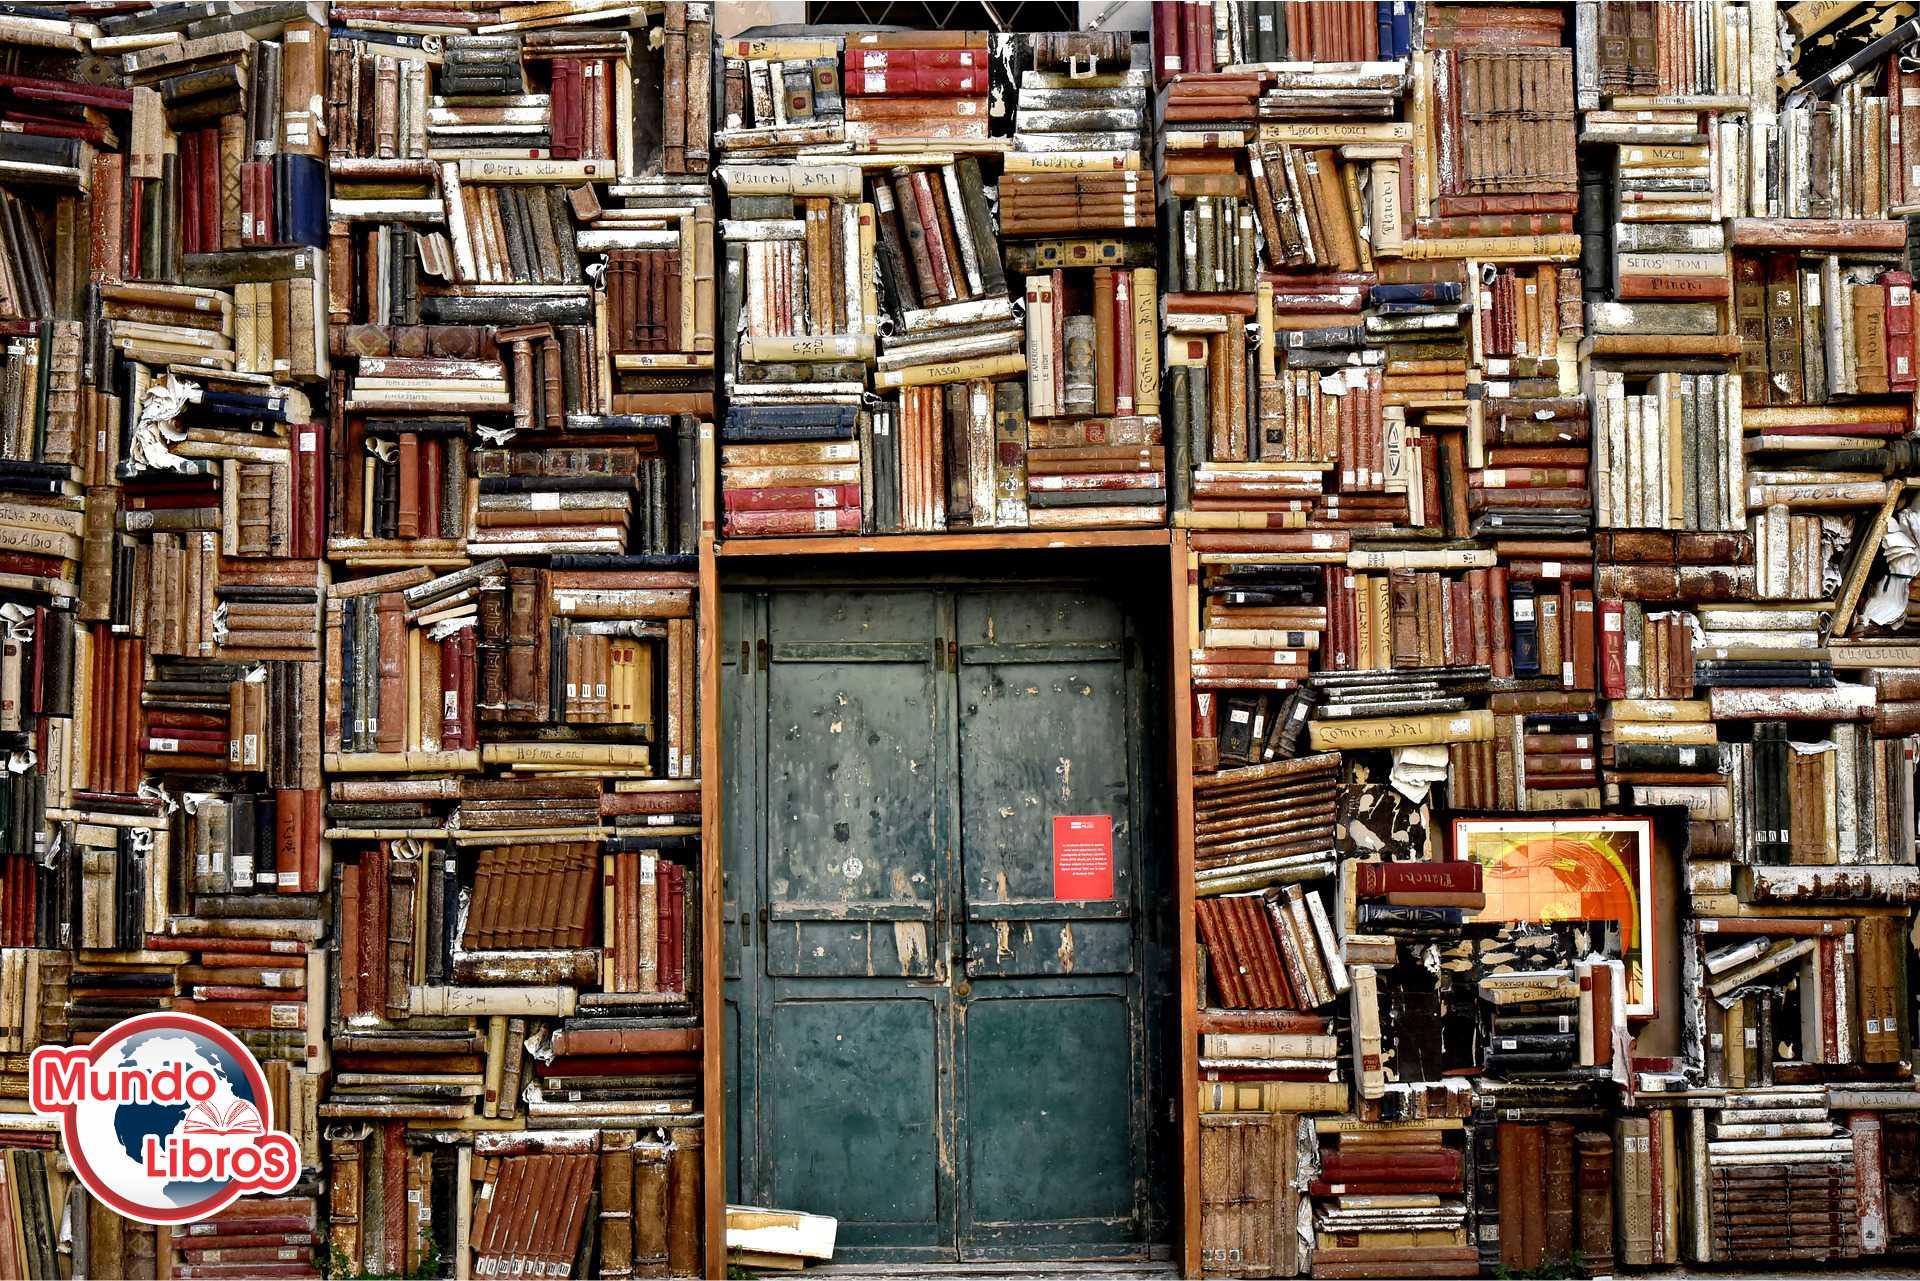 mundo-libros-cali-guia-empreder-4cali